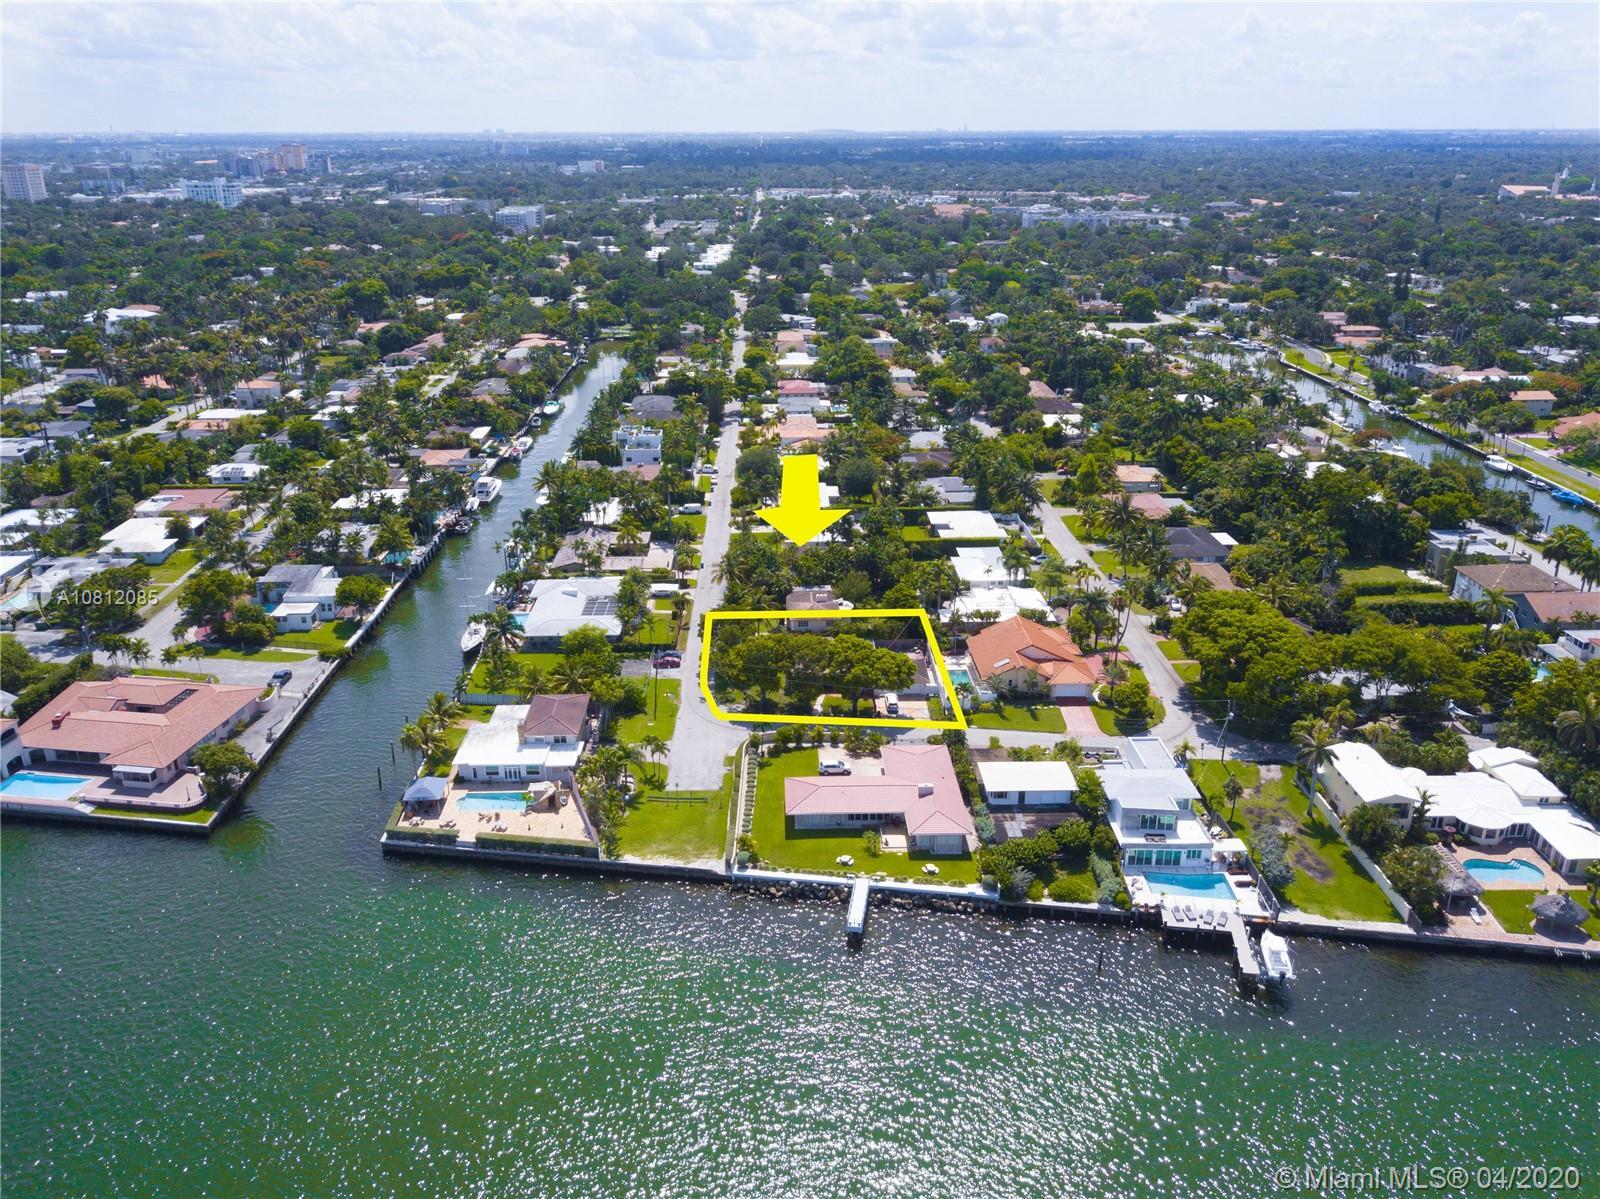 8700 N Bayshore Dr, Miami, FL 33138 - Miami, FL real estate listing